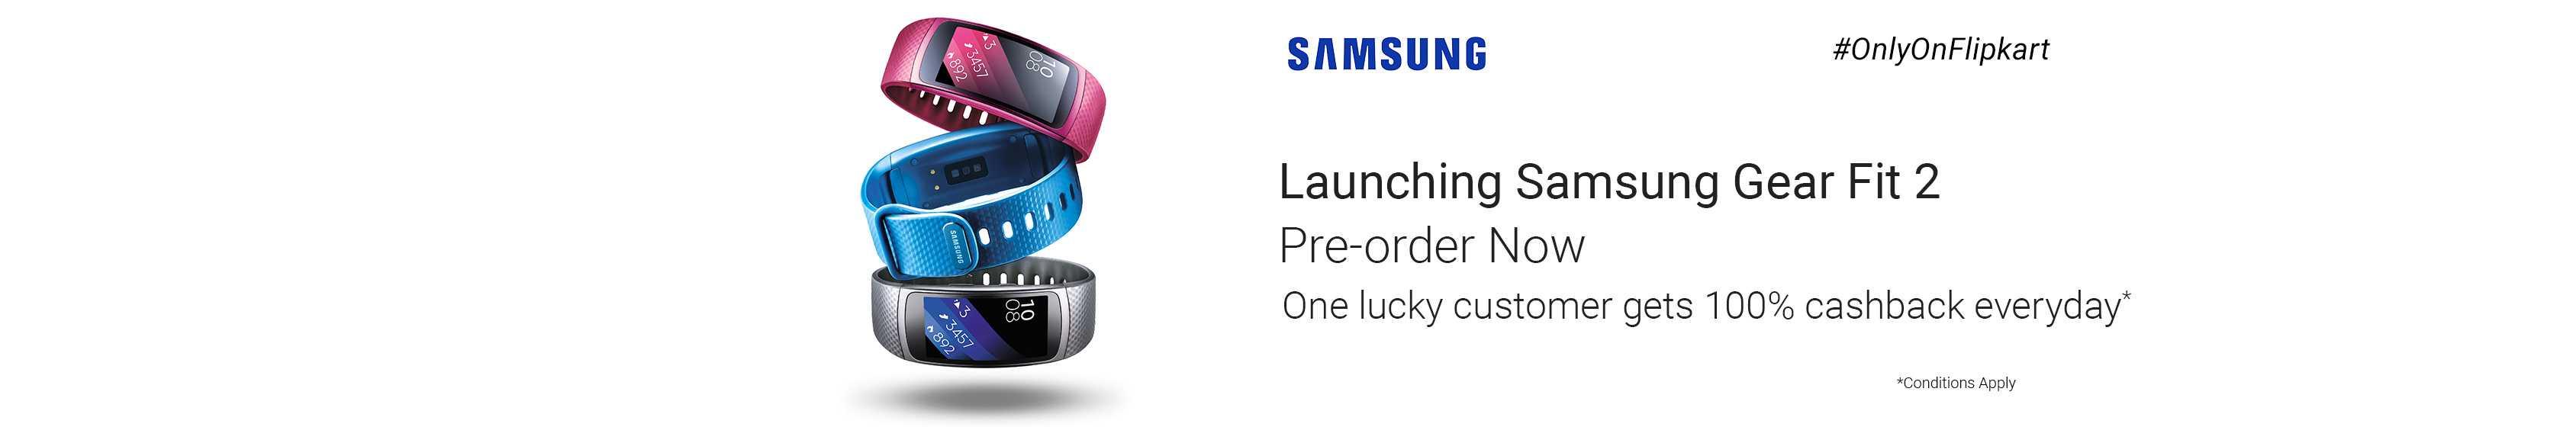 Samsung Ger Fit2